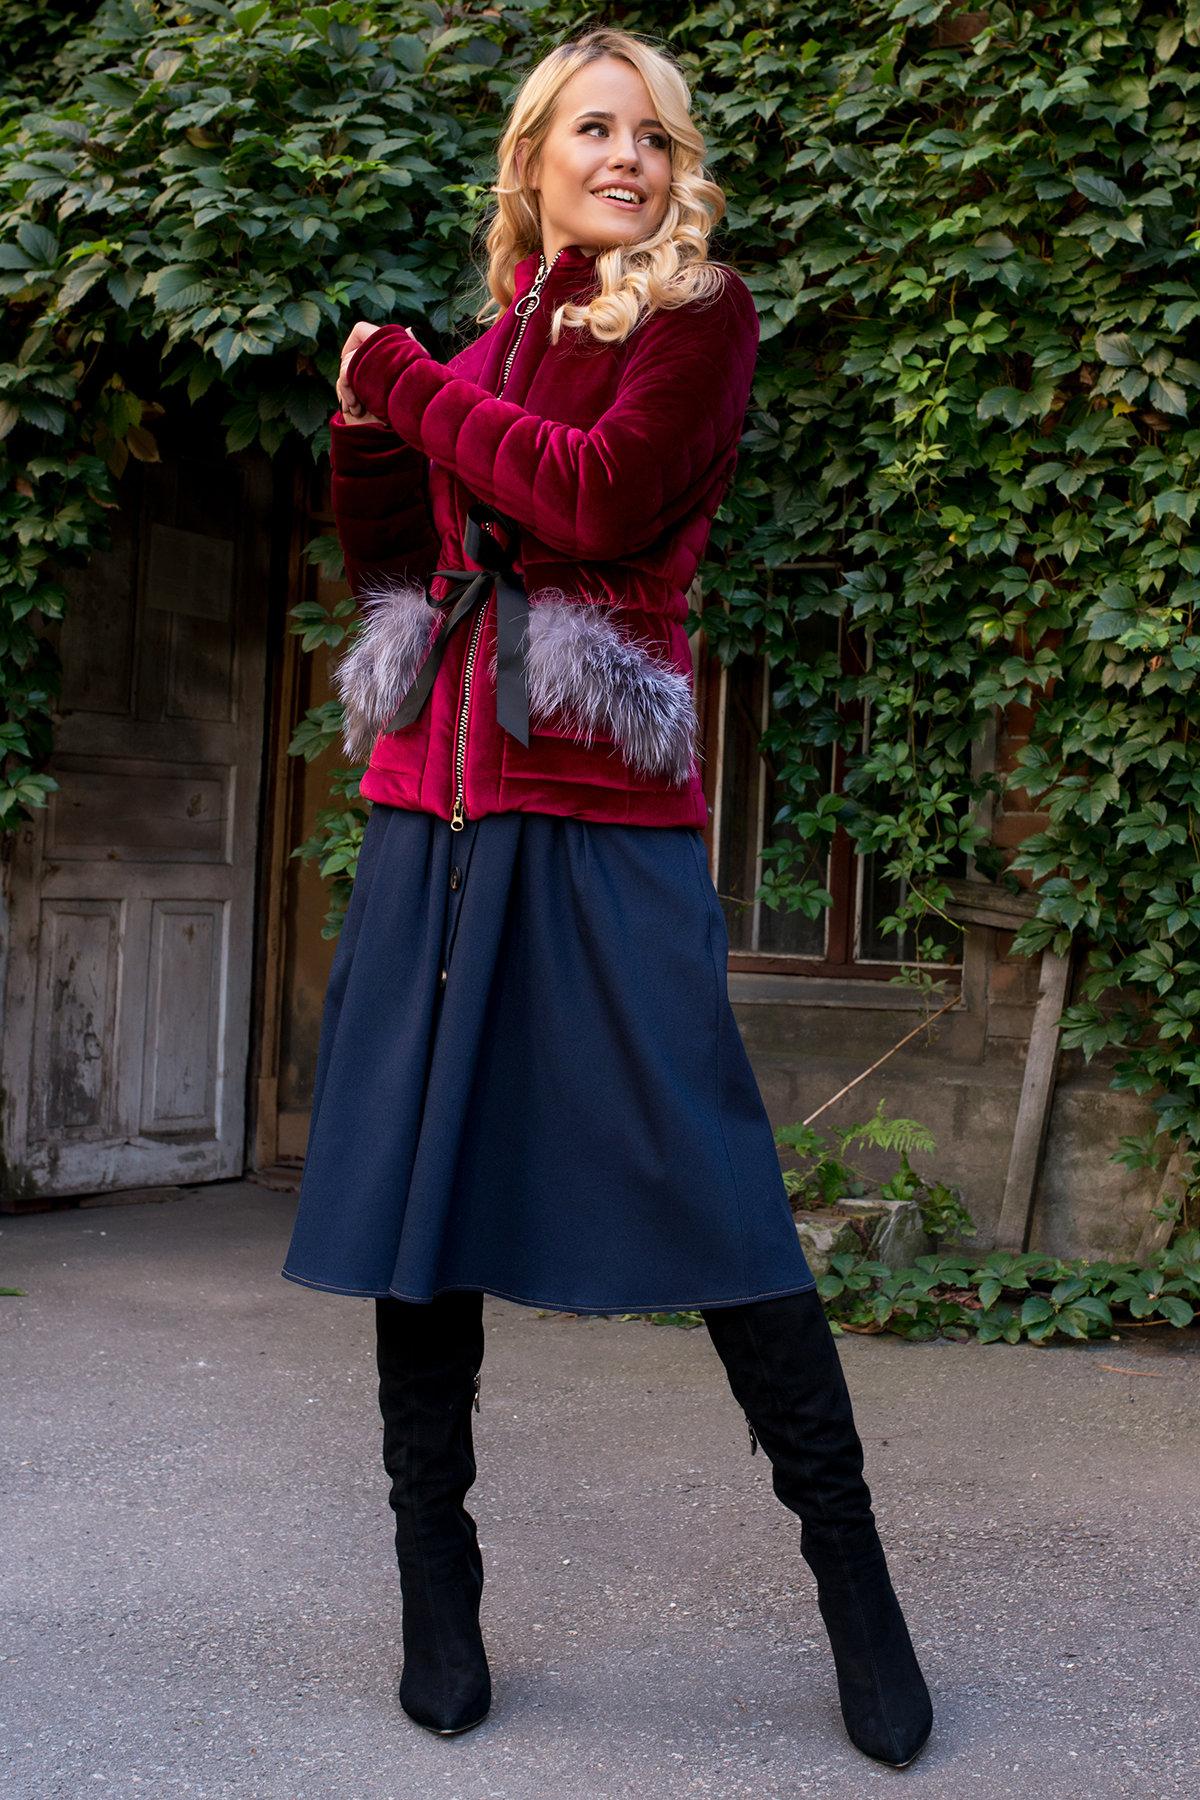 Куртка с мехом на карманах Дезире 4452 АРТ. 21637 Цвет: Марсала - фото 3, интернет магазин tm-modus.ru